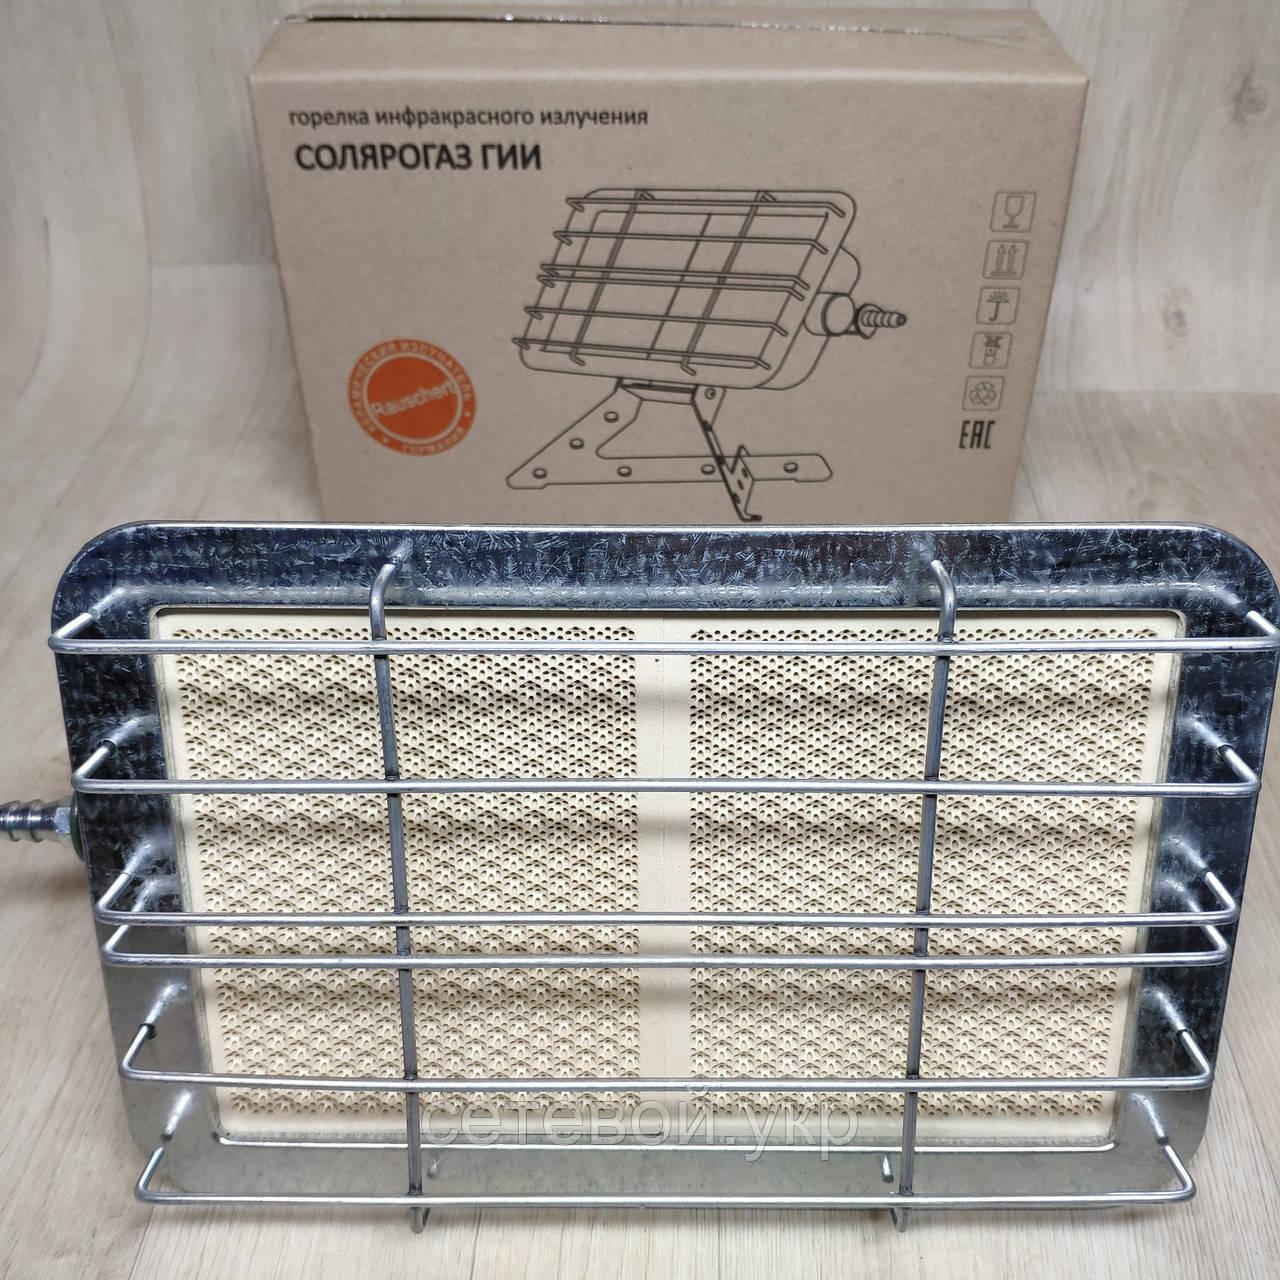 Газовый инфракрасный керамический обогреватель Солярогаз ГИИ 2.9 КВТ (газовая горелка)